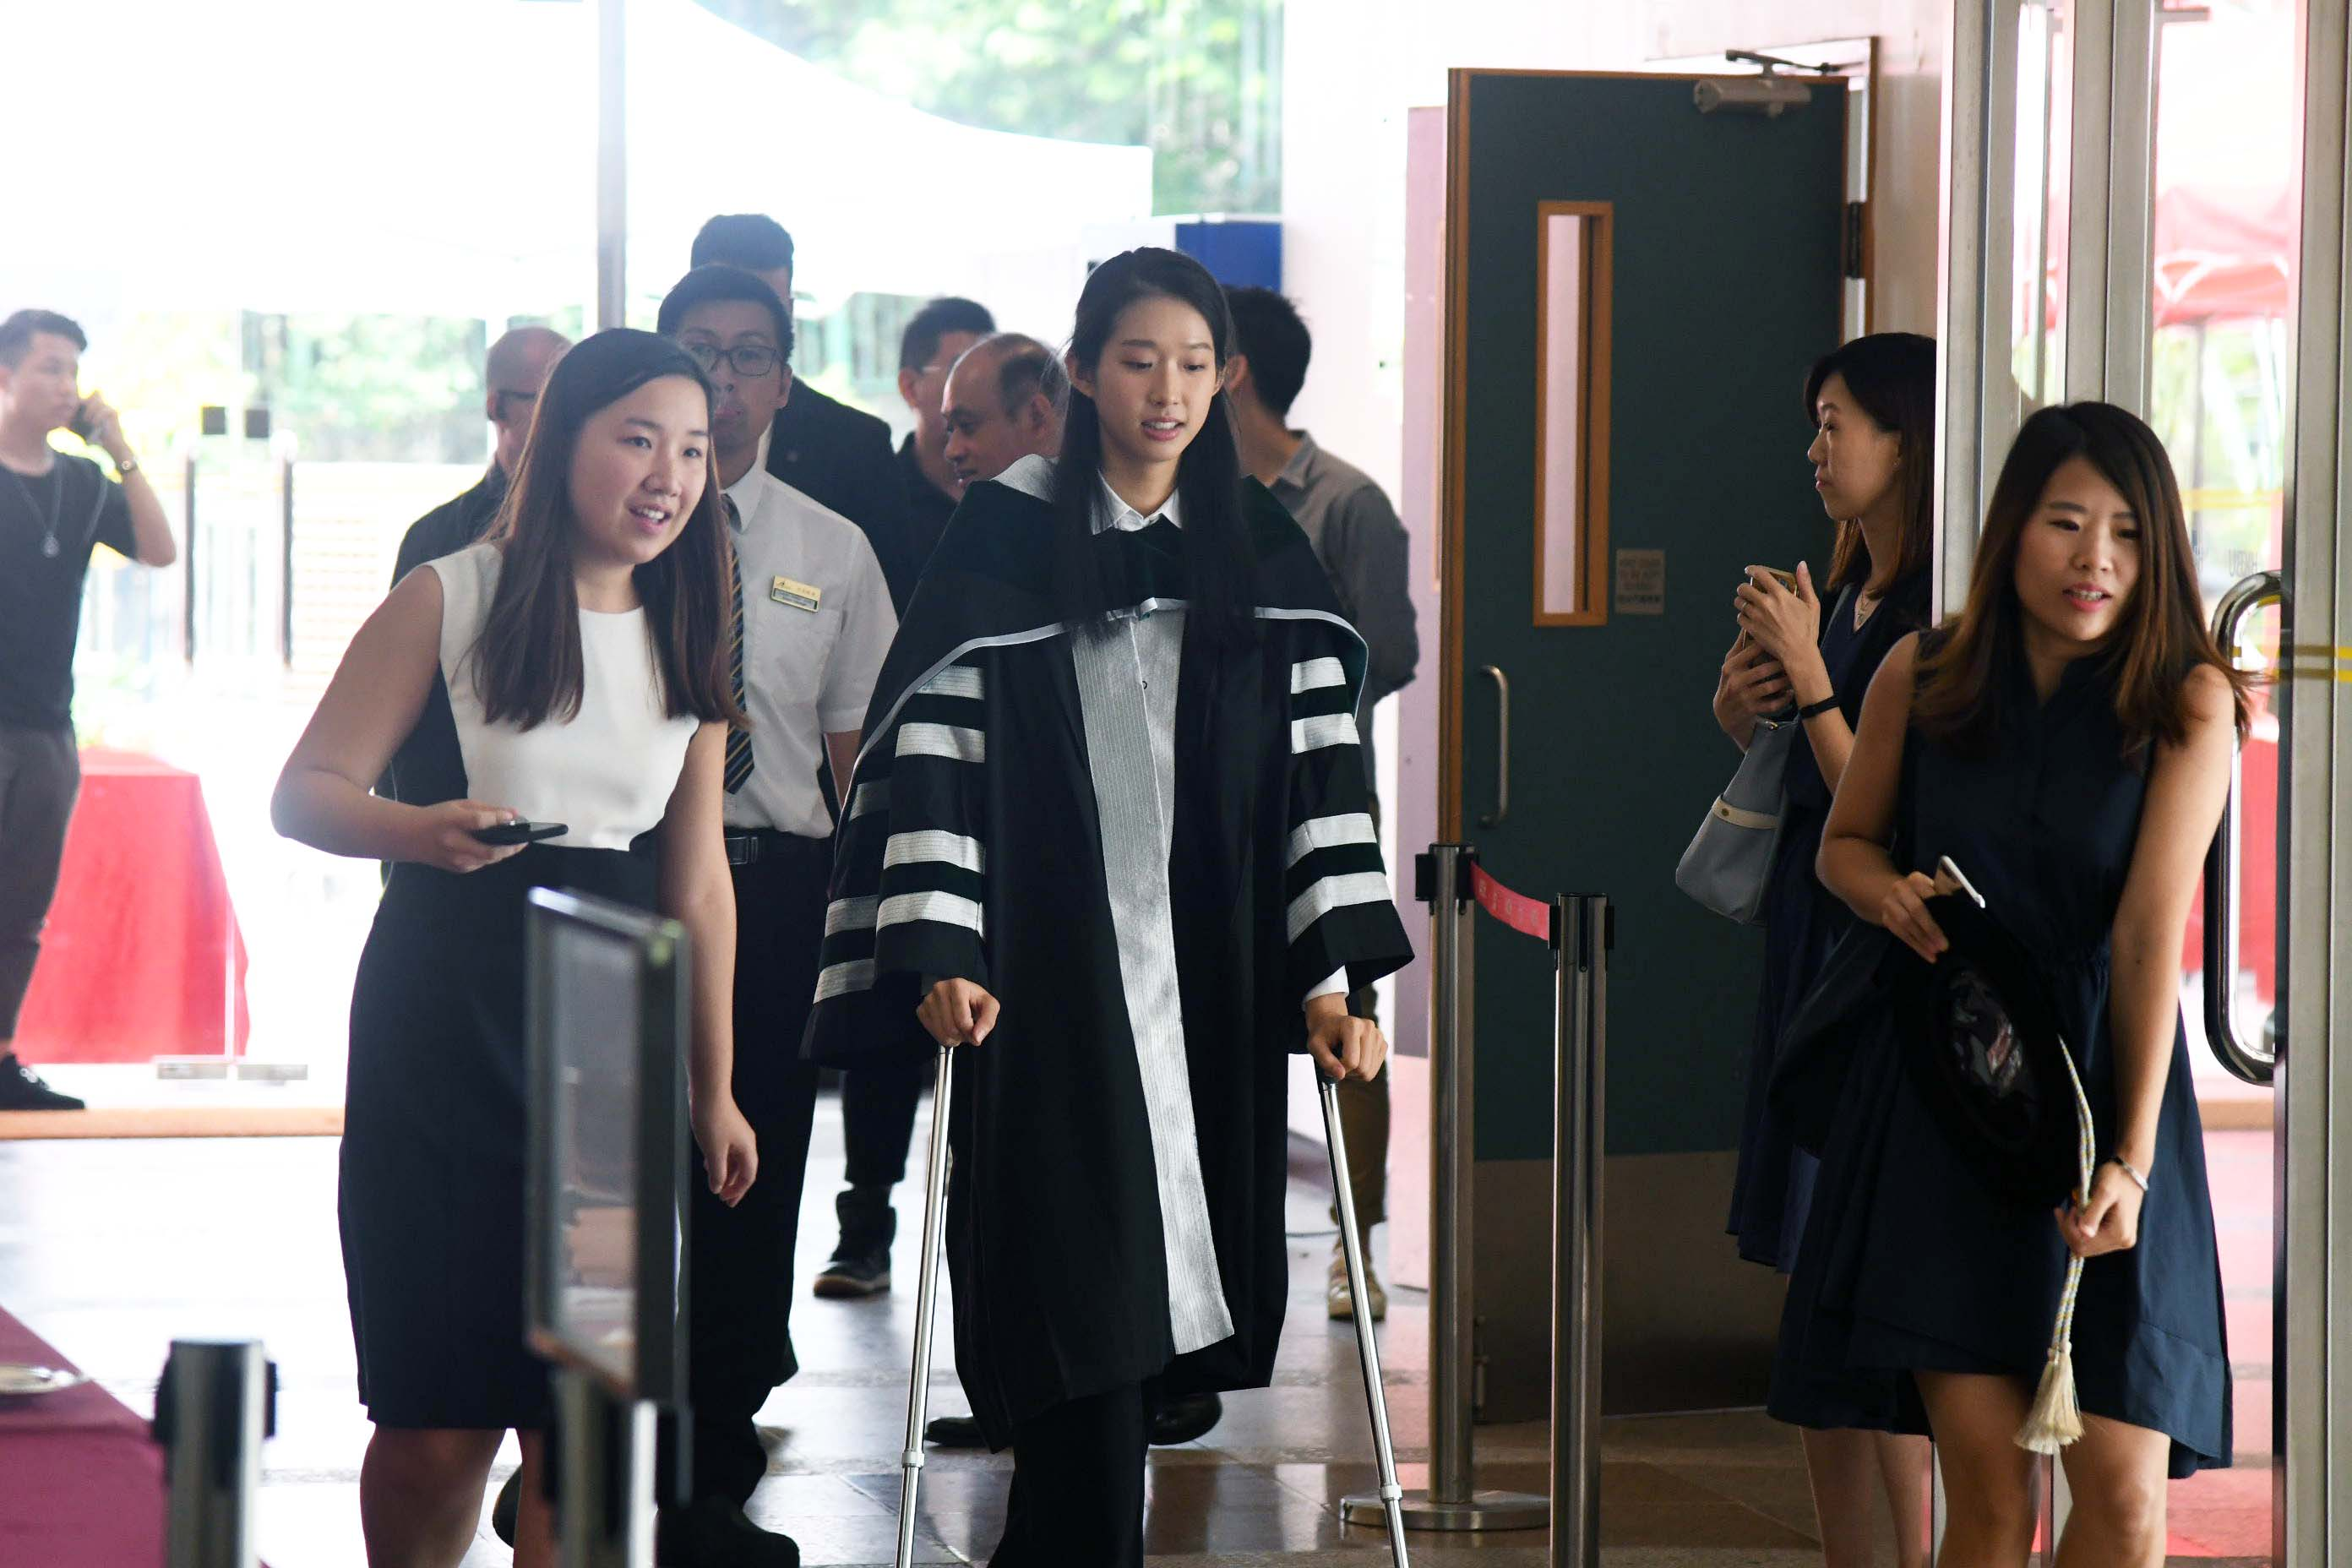 江旻憓上周六晚接受修補右膝十字韌帶斷裂手術,今午出席社會企業研究院院士頒授典禮,仍需撐著拐杖協助步行。郭晉朗攝